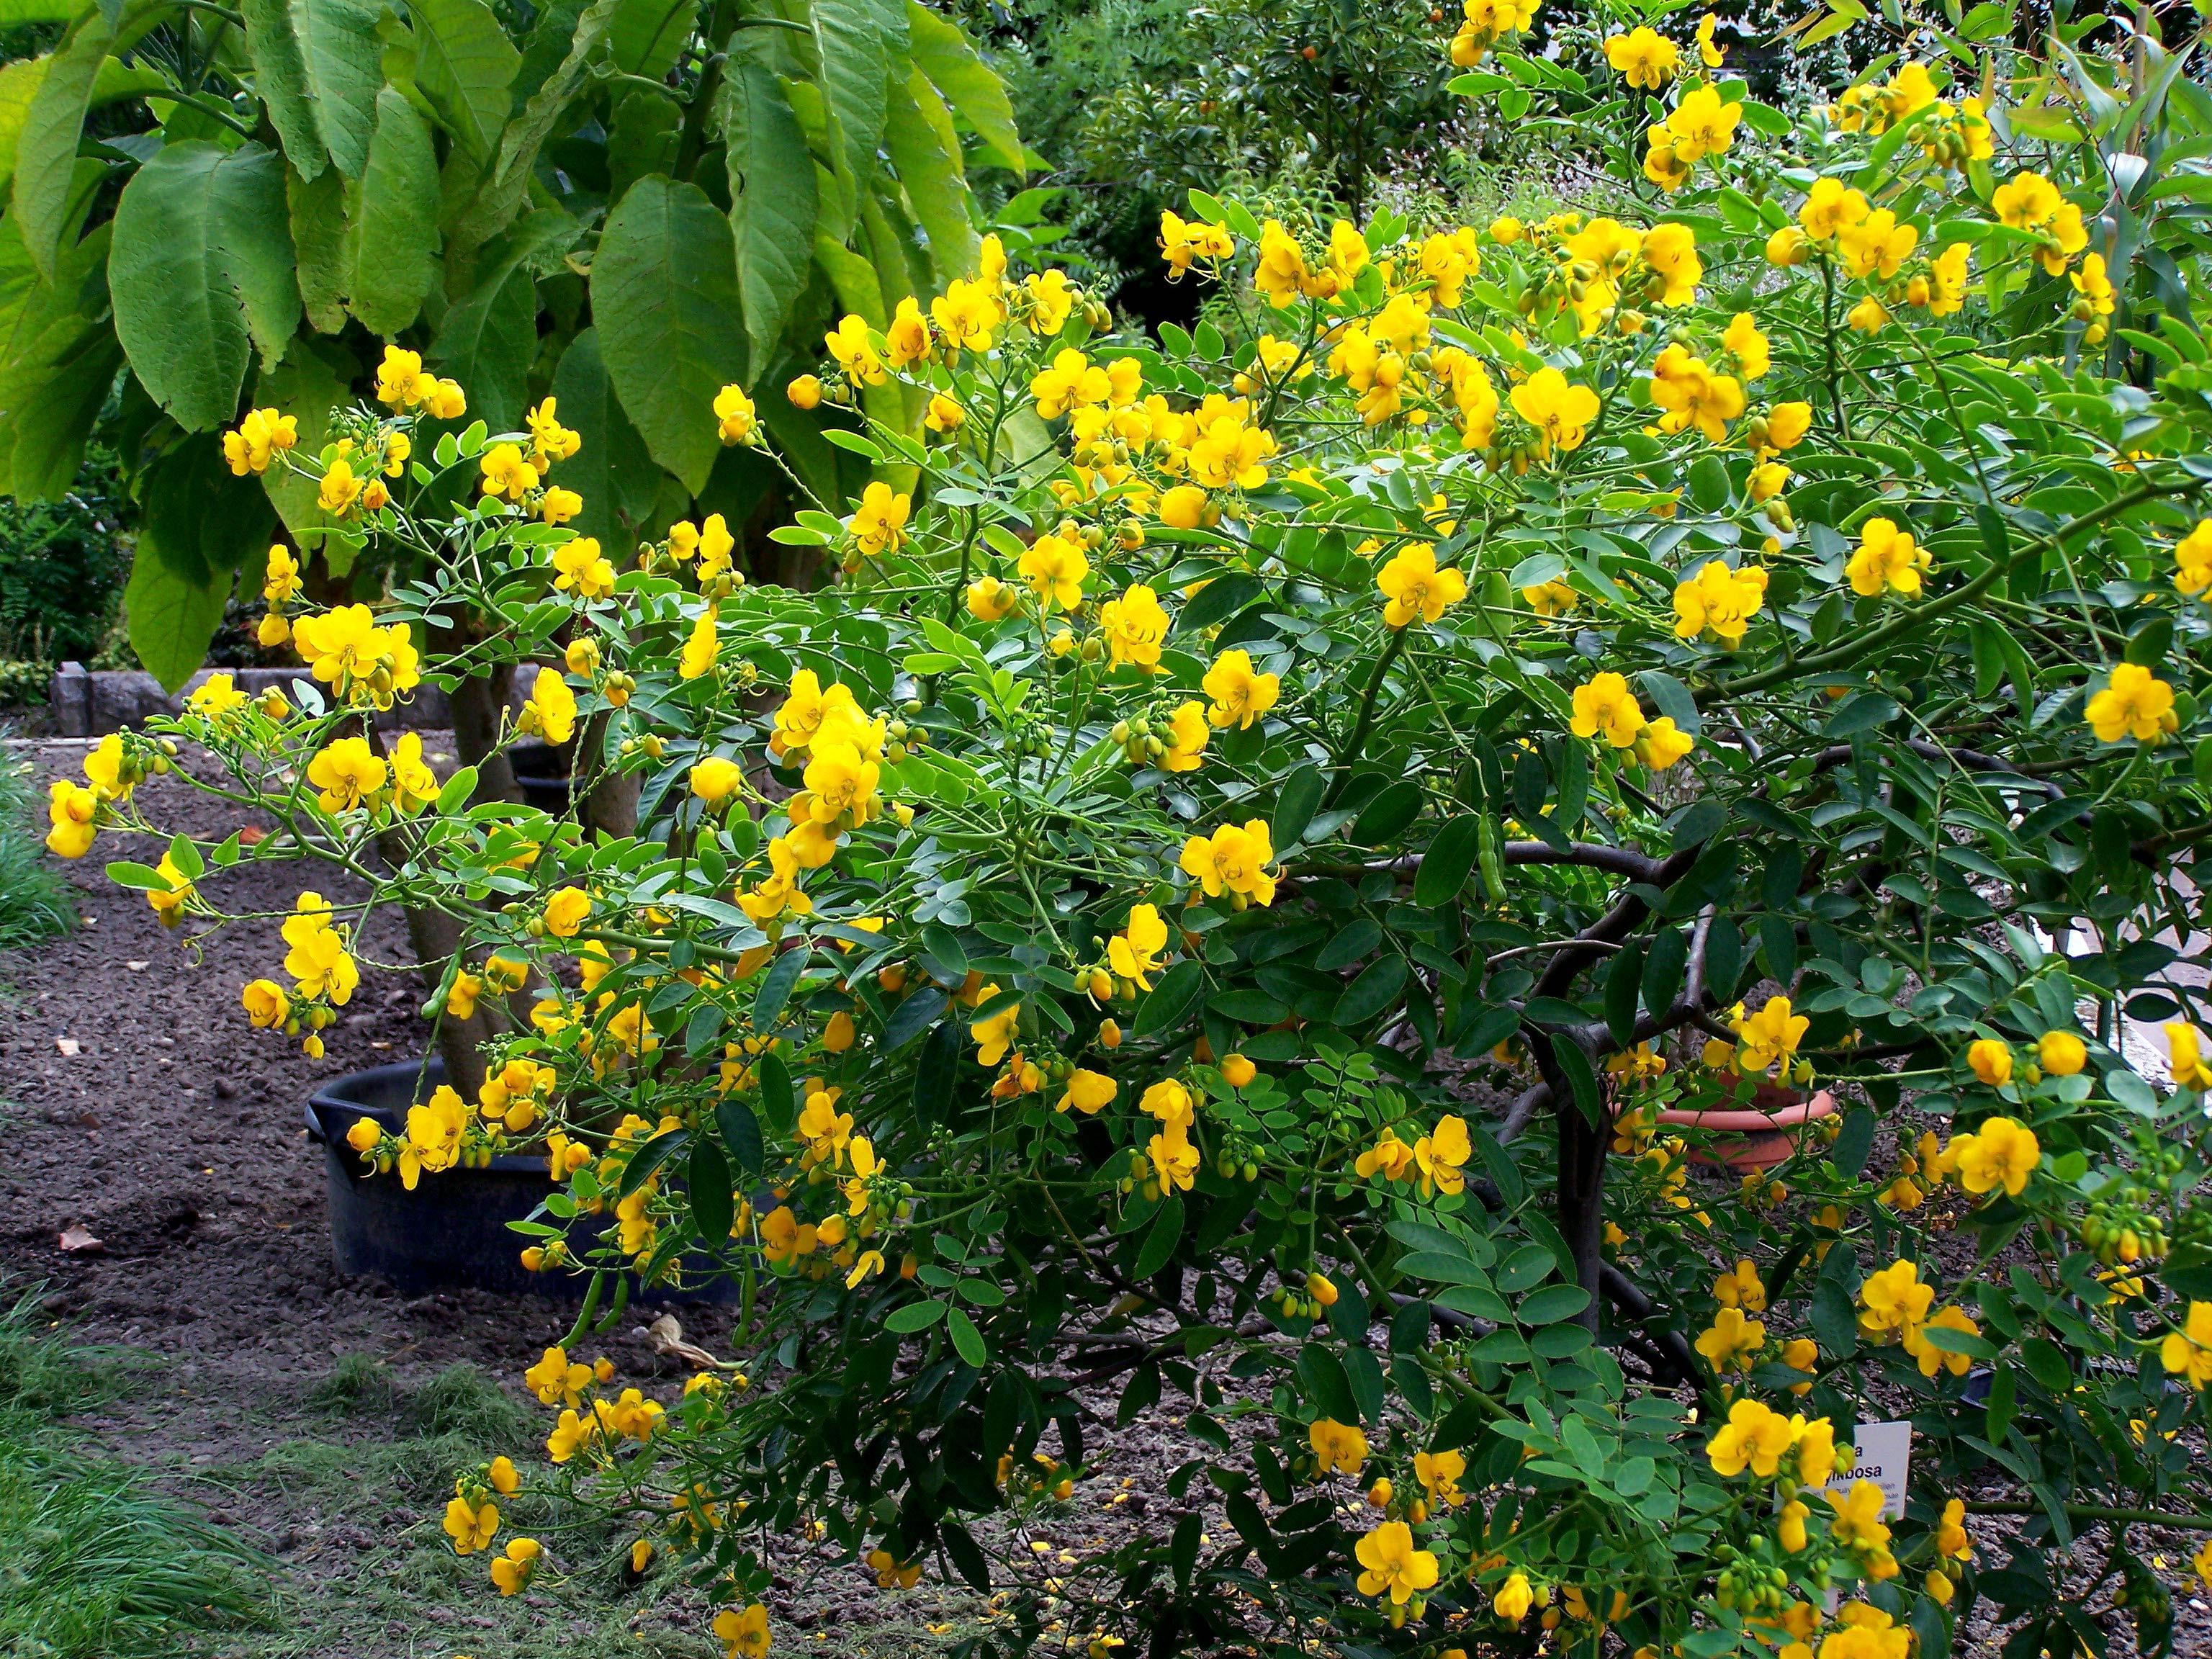 Margaritas De Colores En La Hierba 30995: Senna Corymbosa